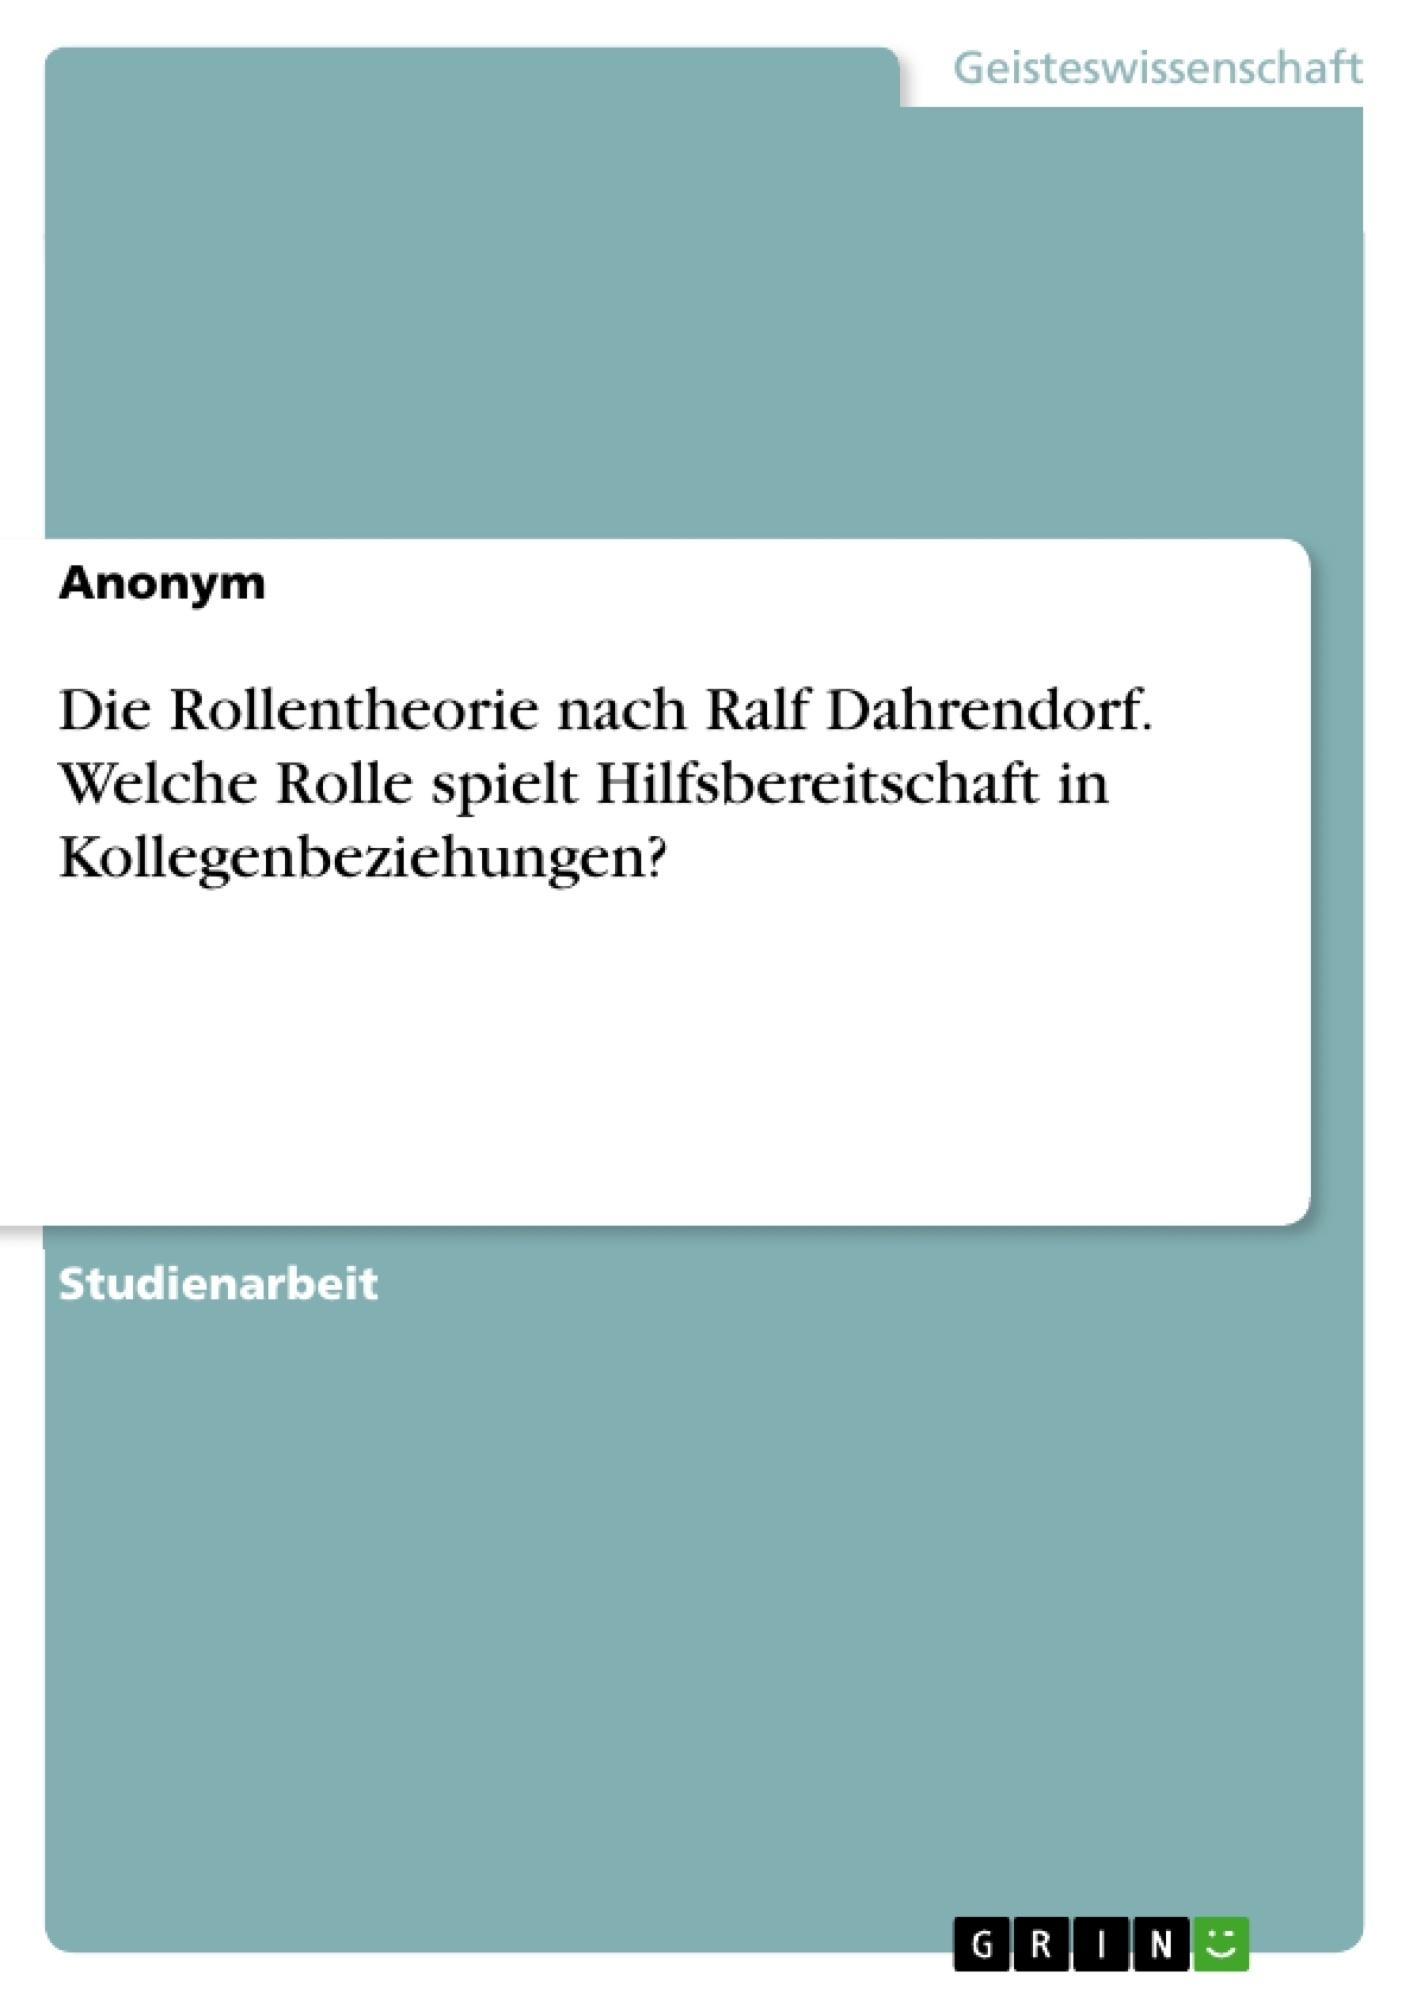 Titel: Die Rollentheorie nach Ralf Dahrendorf. Welche Rolle spielt Hilfsbereitschaft in Kollegenbeziehungen?